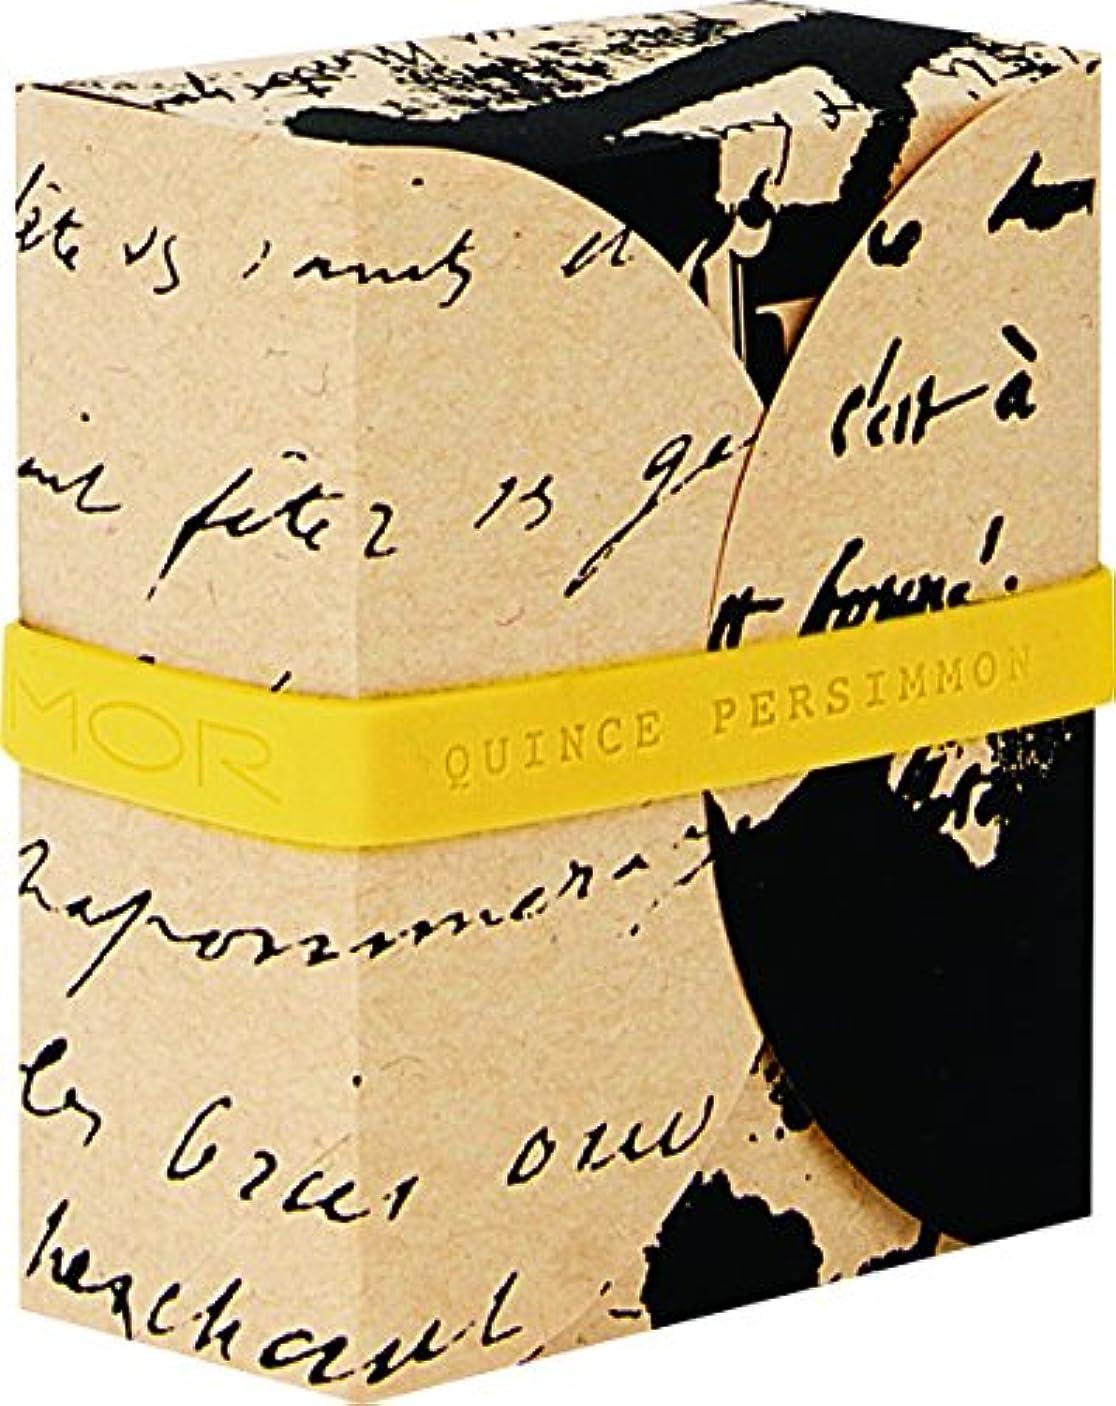 放送本を読む投資するMOR(モア) コレスポンデンス トリプルミルドソープバー クインスパーシモン 180g